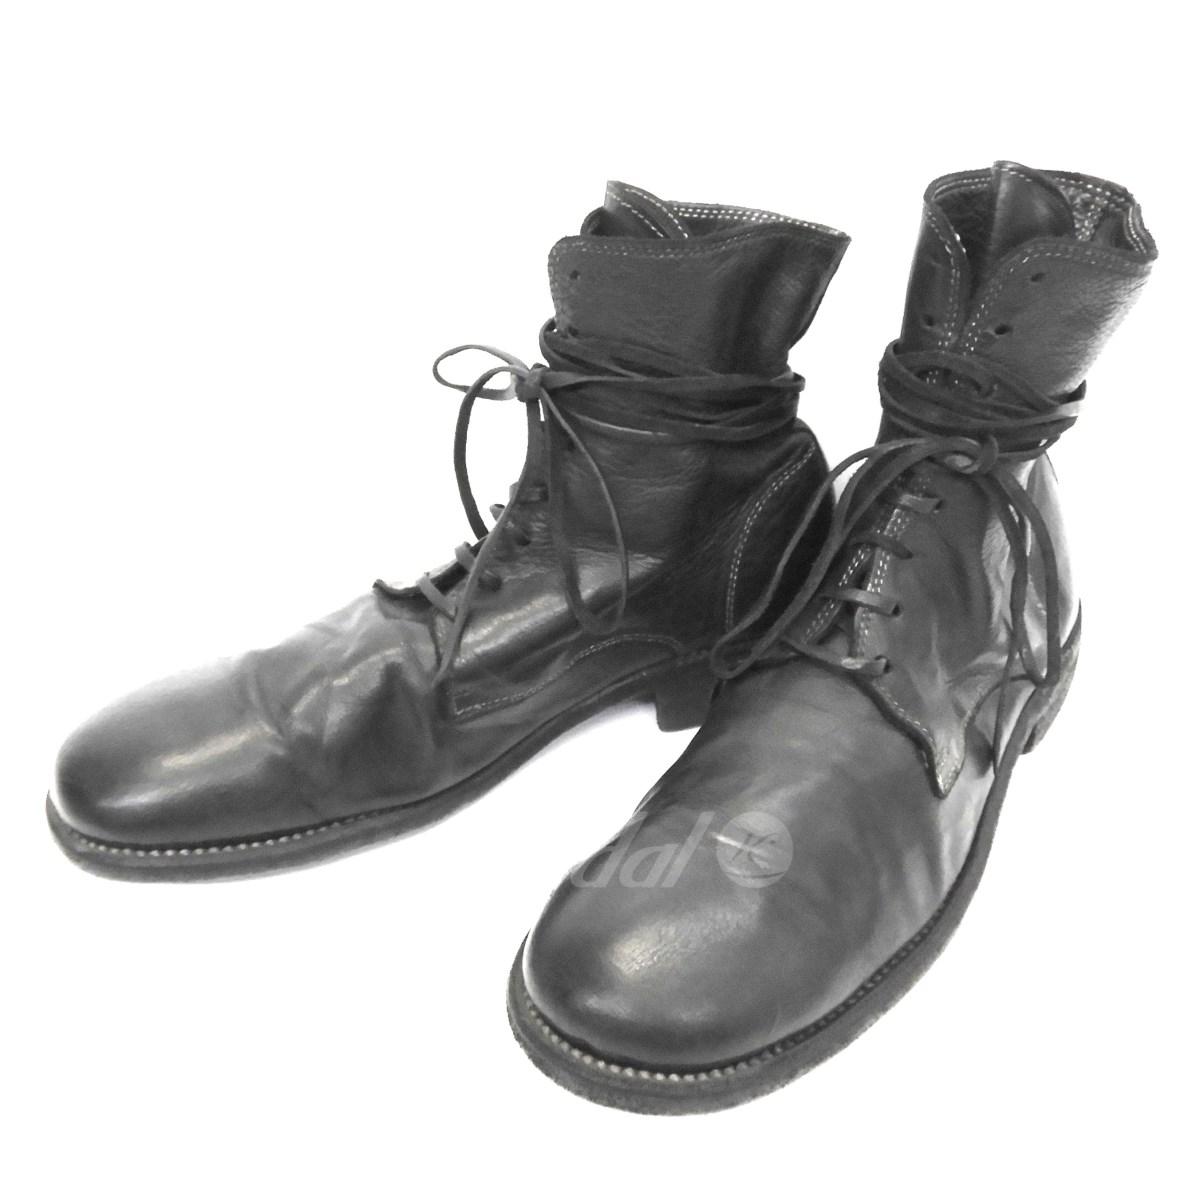 【中古】GUIDI レザーレースアップブーツ ブラック サイズ:42 【送料無料】 【060319】(グイディ), きのくにや商店 1a2309e0